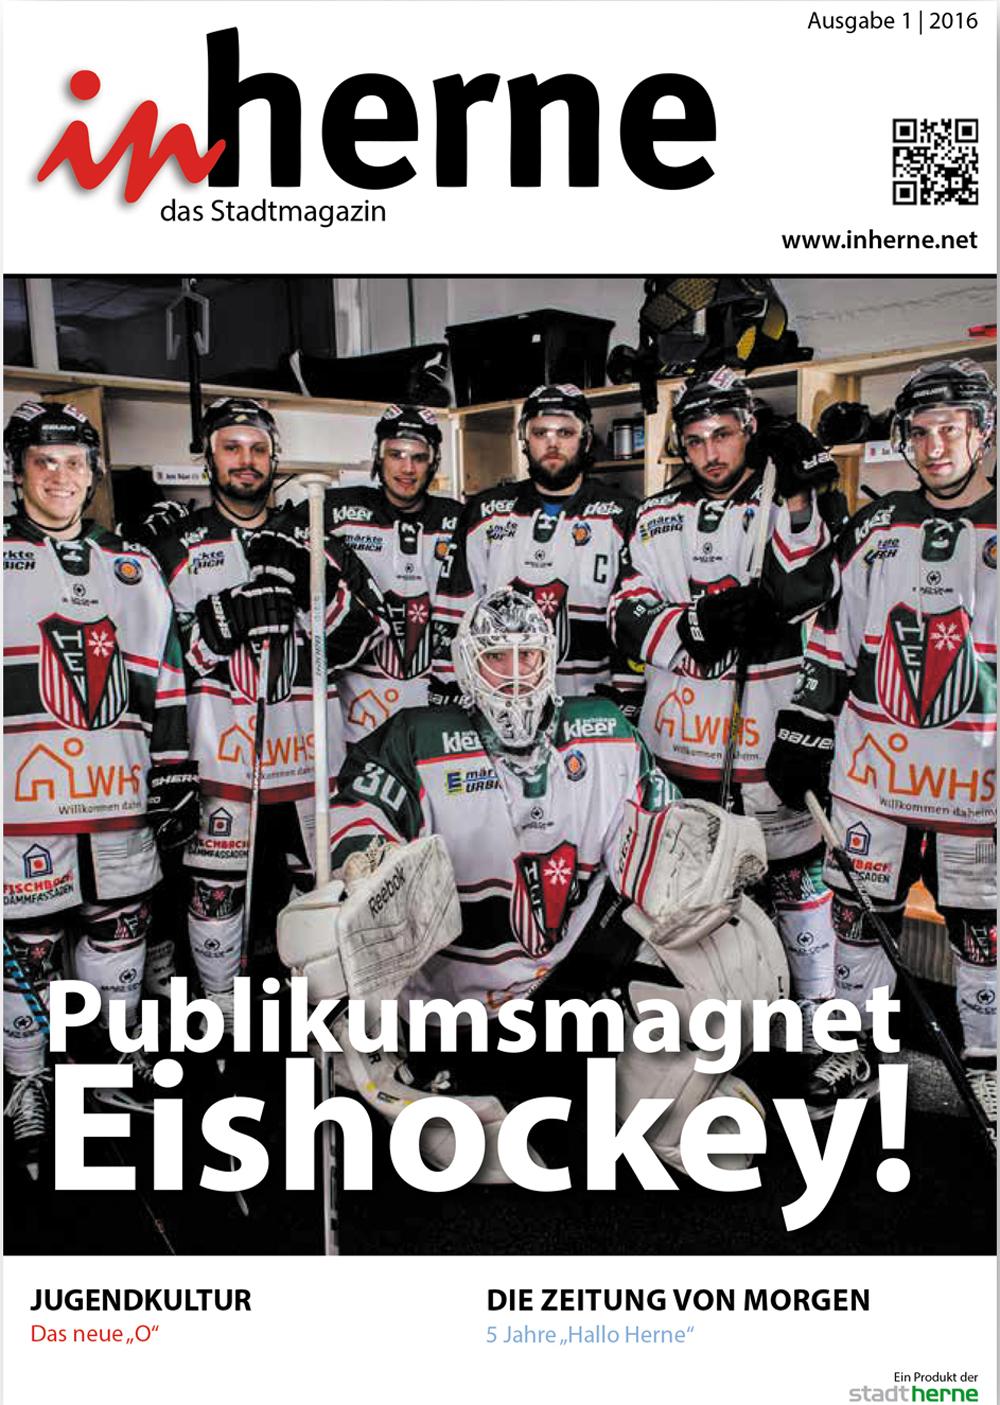 Titel der neuen inherne-Ausgabe (1/2016).